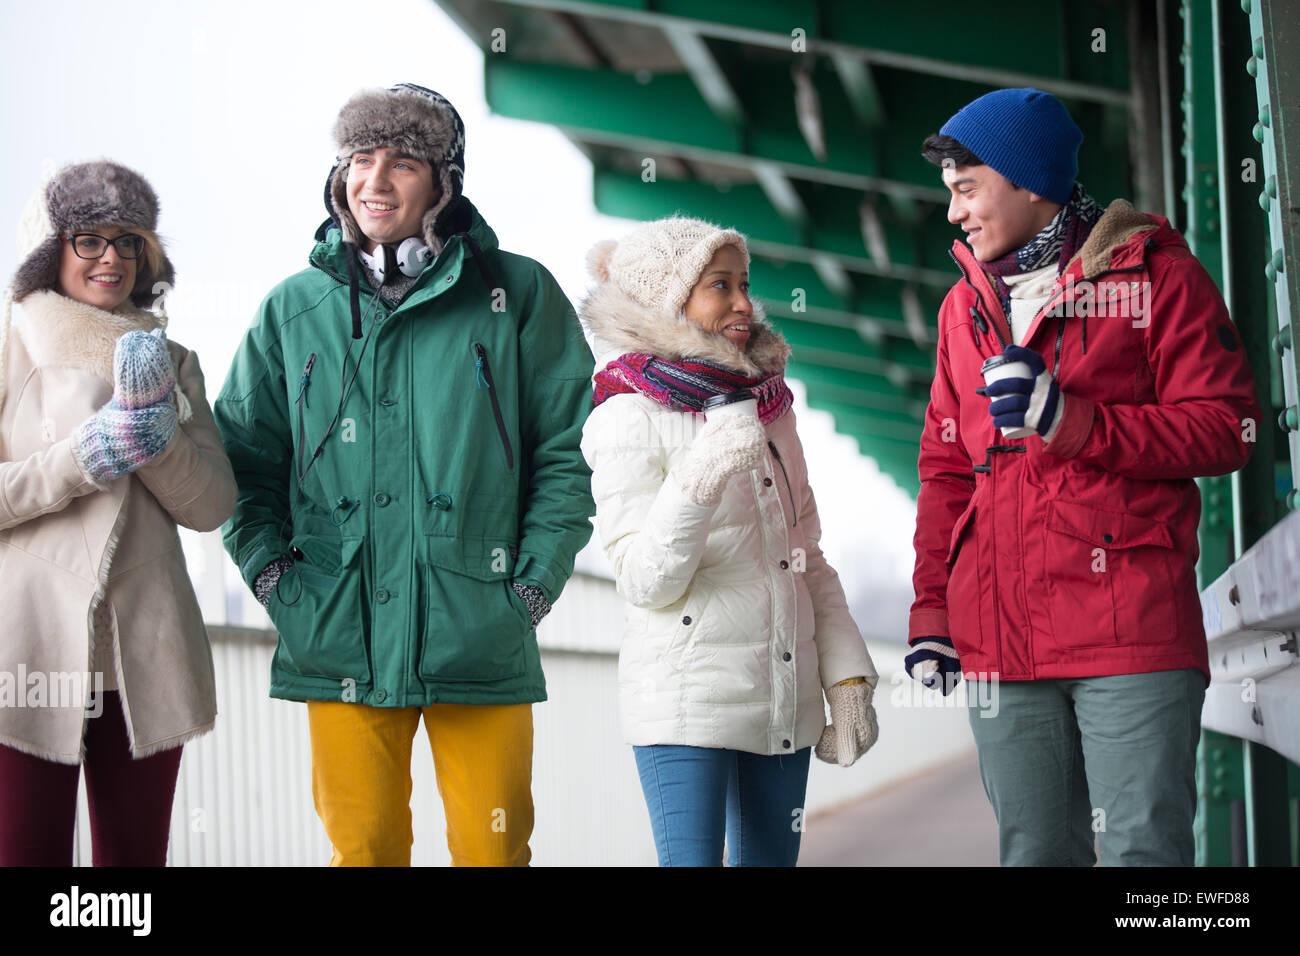 Amici multietnica in inverno indossare conversando all'aperto Immagini Stock